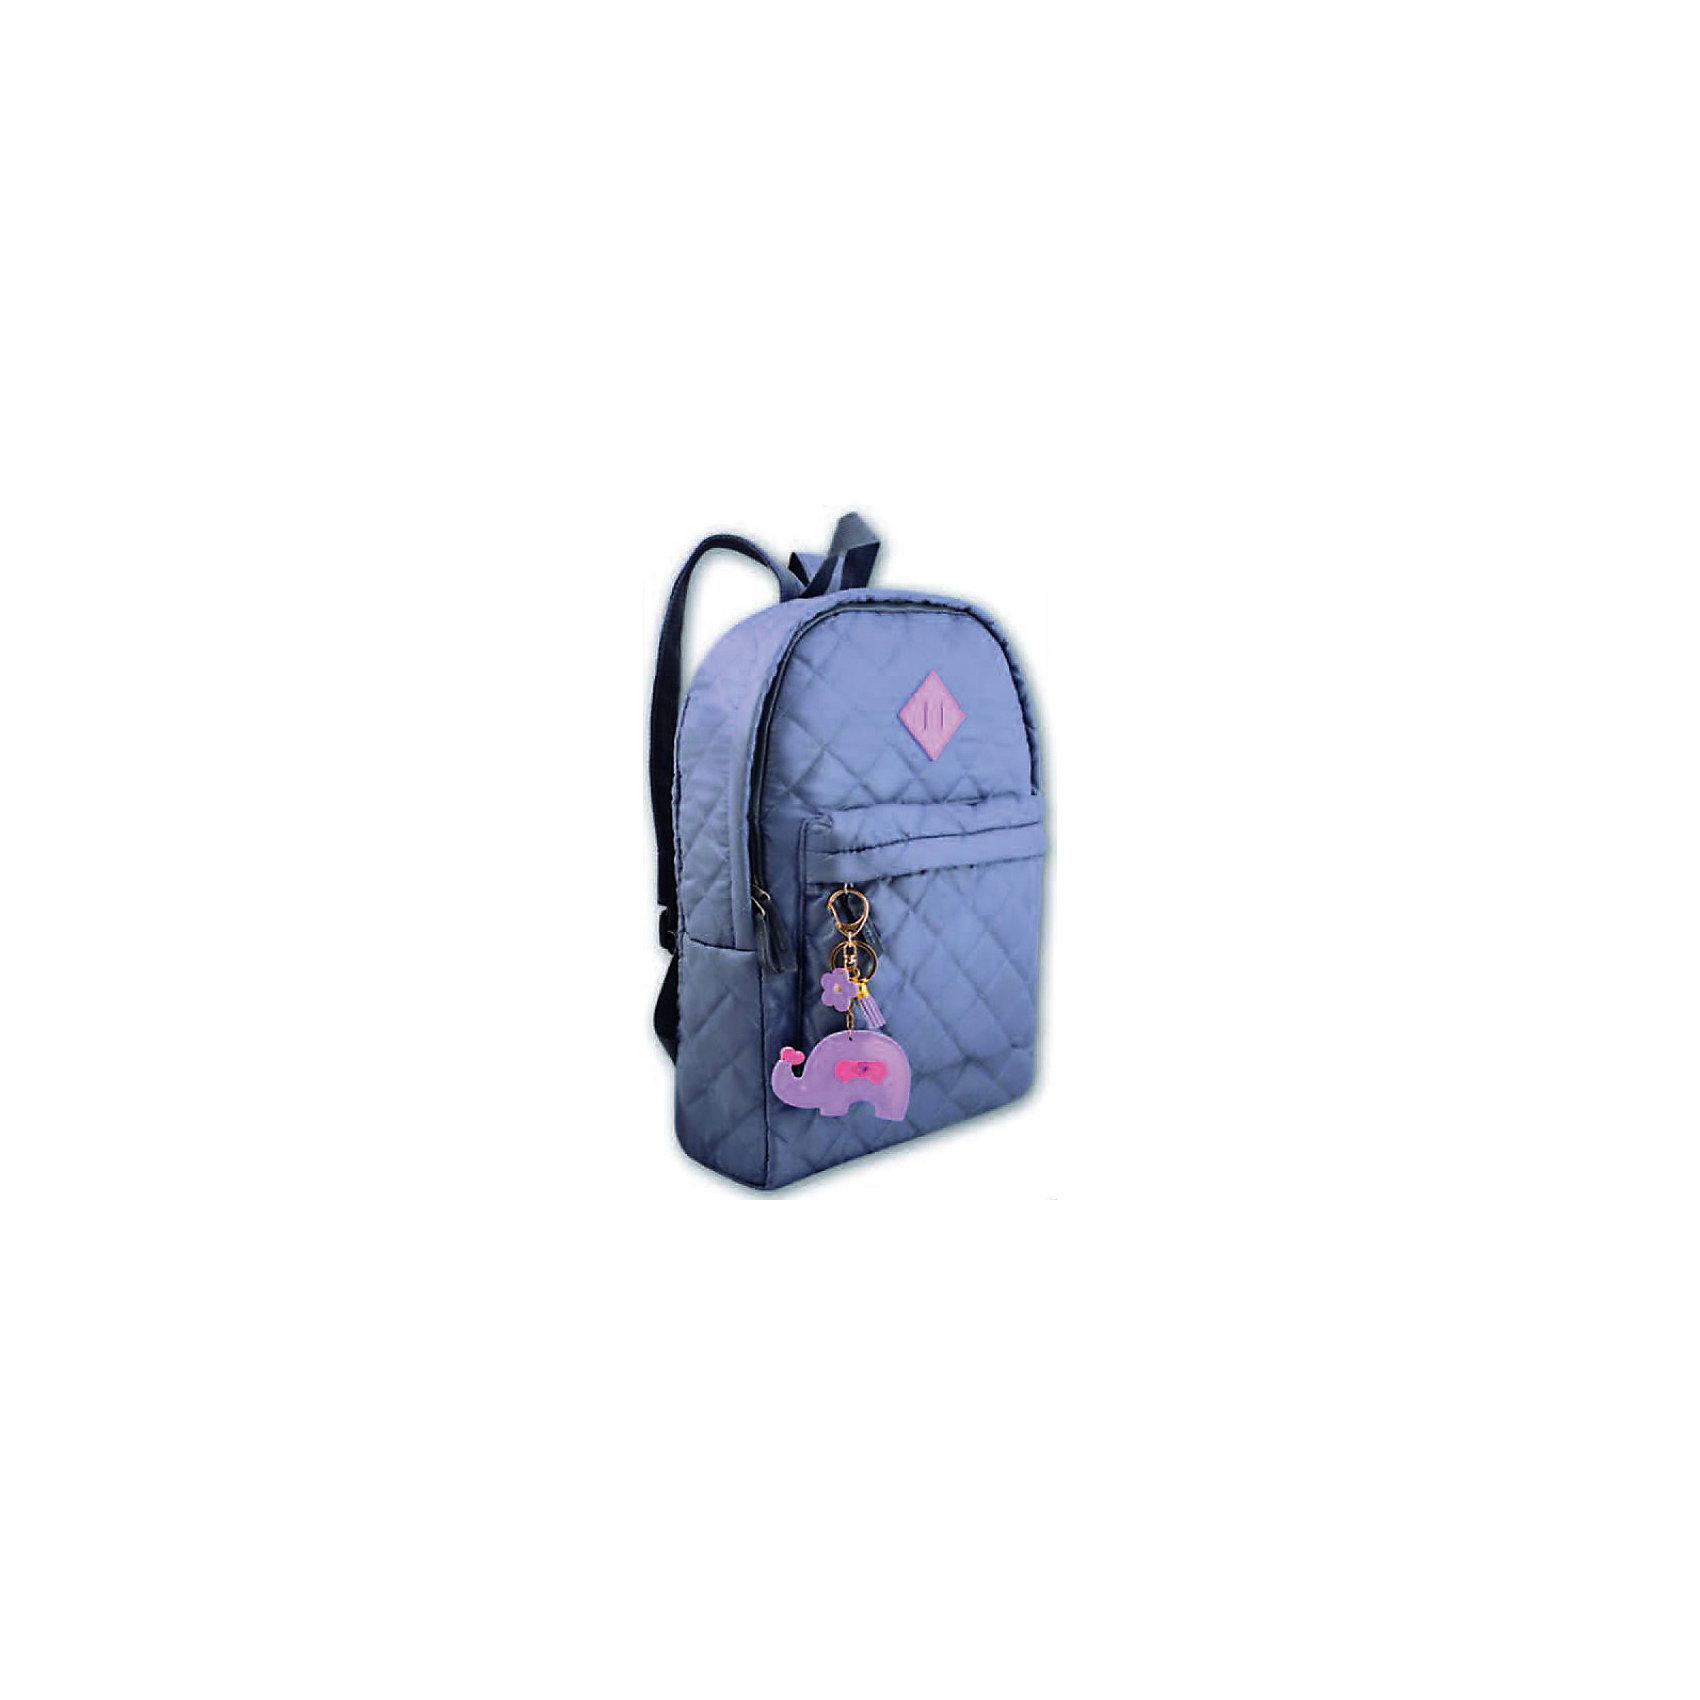 Рюкзак молодежный, серыйДорожные сумки и чемоданы<br>Стильный, яркий, удобный рюкзак для Вашей девочки! У рюкзака одно большое отделение на молнии и один дополнительный карман спереди, лямки регулируются.<br><br>Дополнительная информация:<br><br>- Возраст: от 6 лет.<br>- Молнии ранца украшены брелками.<br>- Цвет: серый.<br>- Размер: 39х28х9 см.<br>- Материал: 100% полиэстер.<br>- Размер упаковки: 46х32х3 см.<br>- Вес в упаковке: 240 г.<br><br>Купить молодежный рюкзак в сером цвете, можно в нашем магазине.<br><br>Ширина мм: 460<br>Глубина мм: 320<br>Высота мм: 30<br>Вес г: 240<br>Возраст от месяцев: 72<br>Возраст до месяцев: 2147483647<br>Пол: Унисекс<br>Возраст: Детский<br>SKU: 4943618